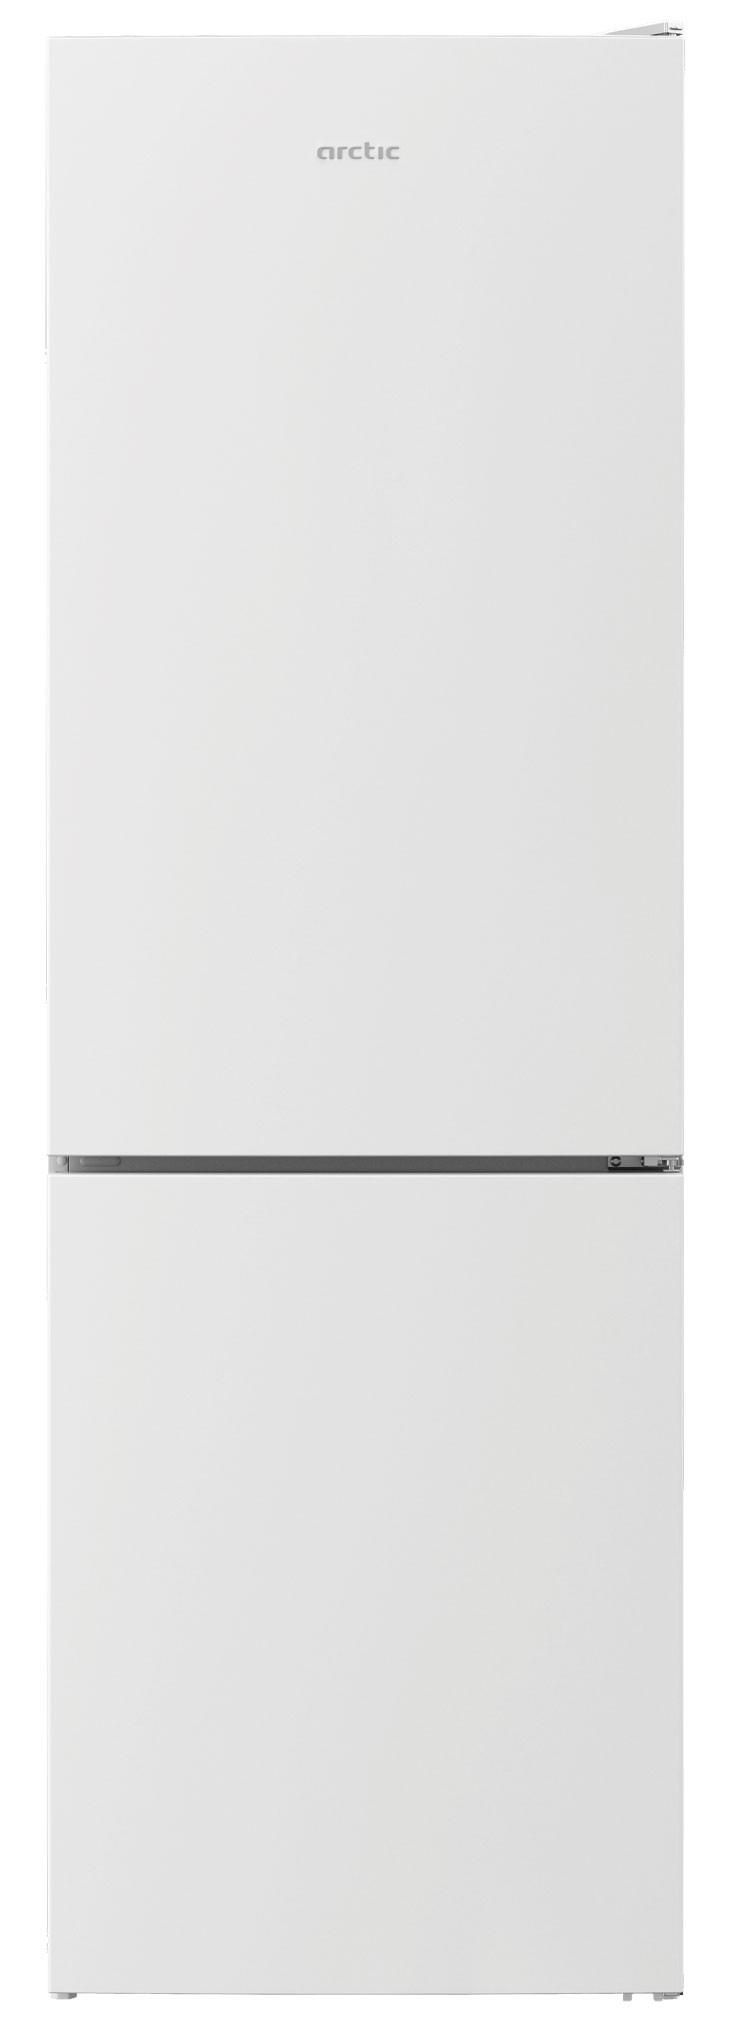 Combina frigorifica Arctic AK60366NF++, 324 L, Full No Frost, Alb, A